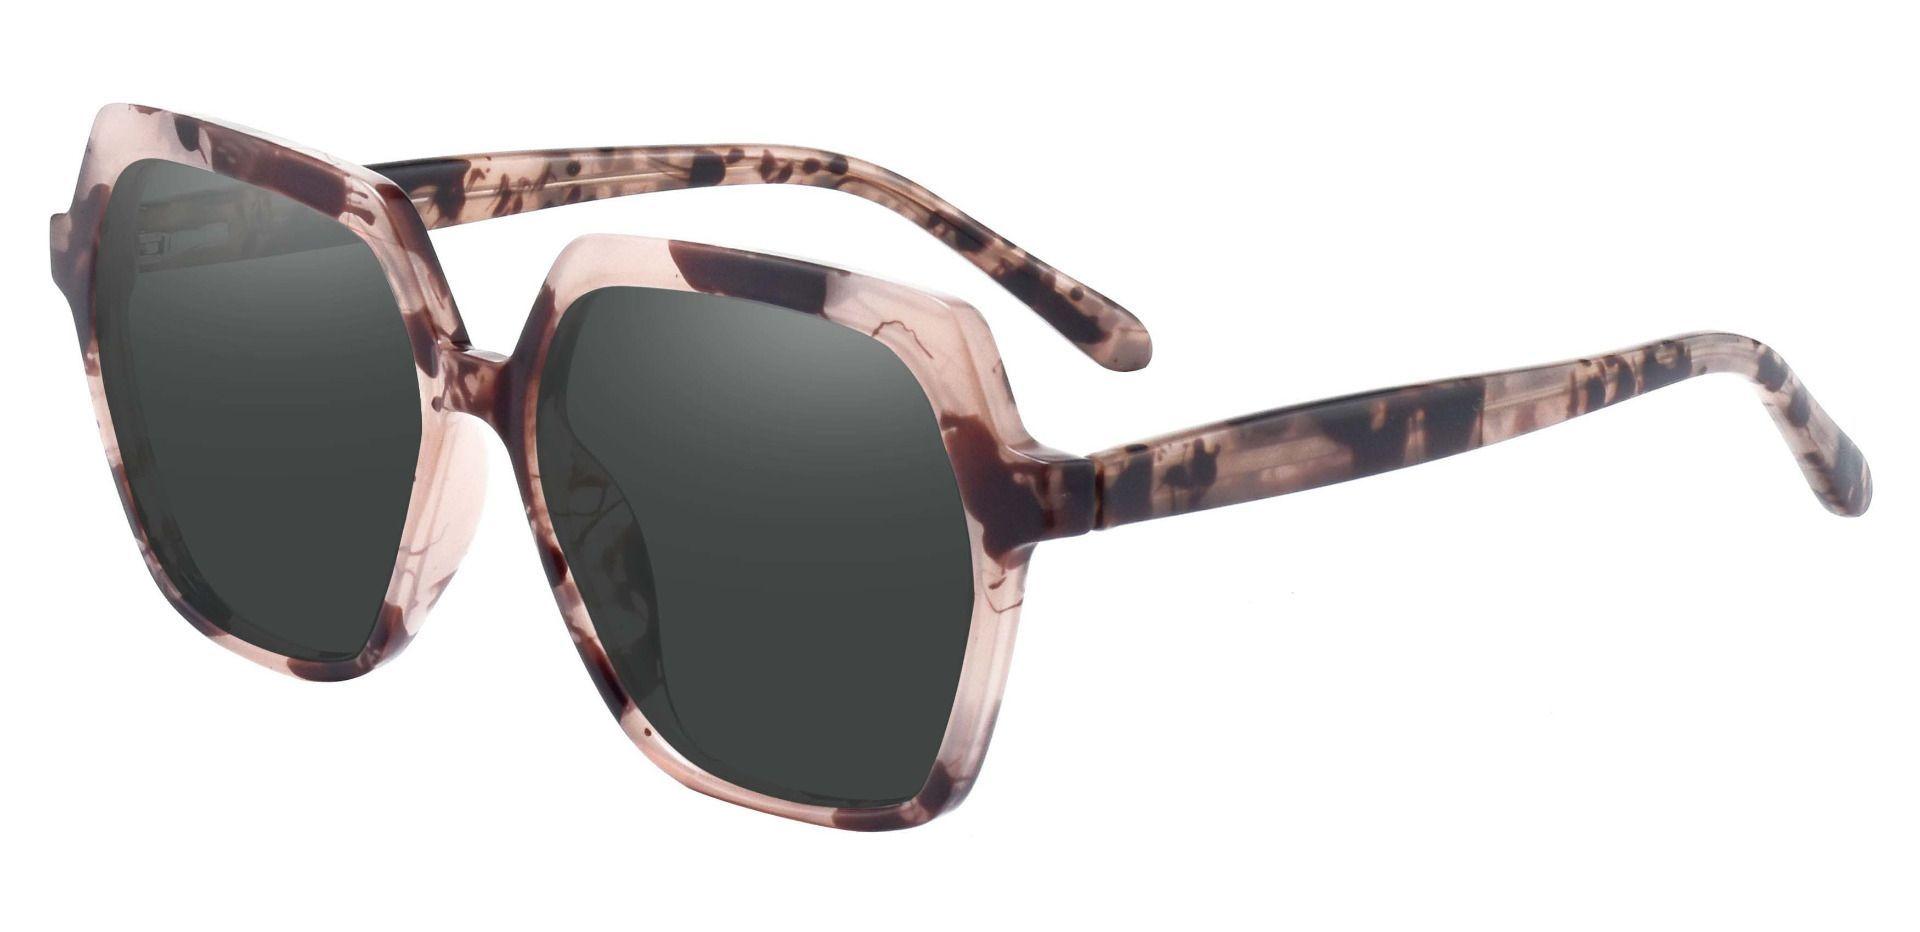 Regent Geometric Reading Sunglasses - Tortoise Frame With Gray Lenses